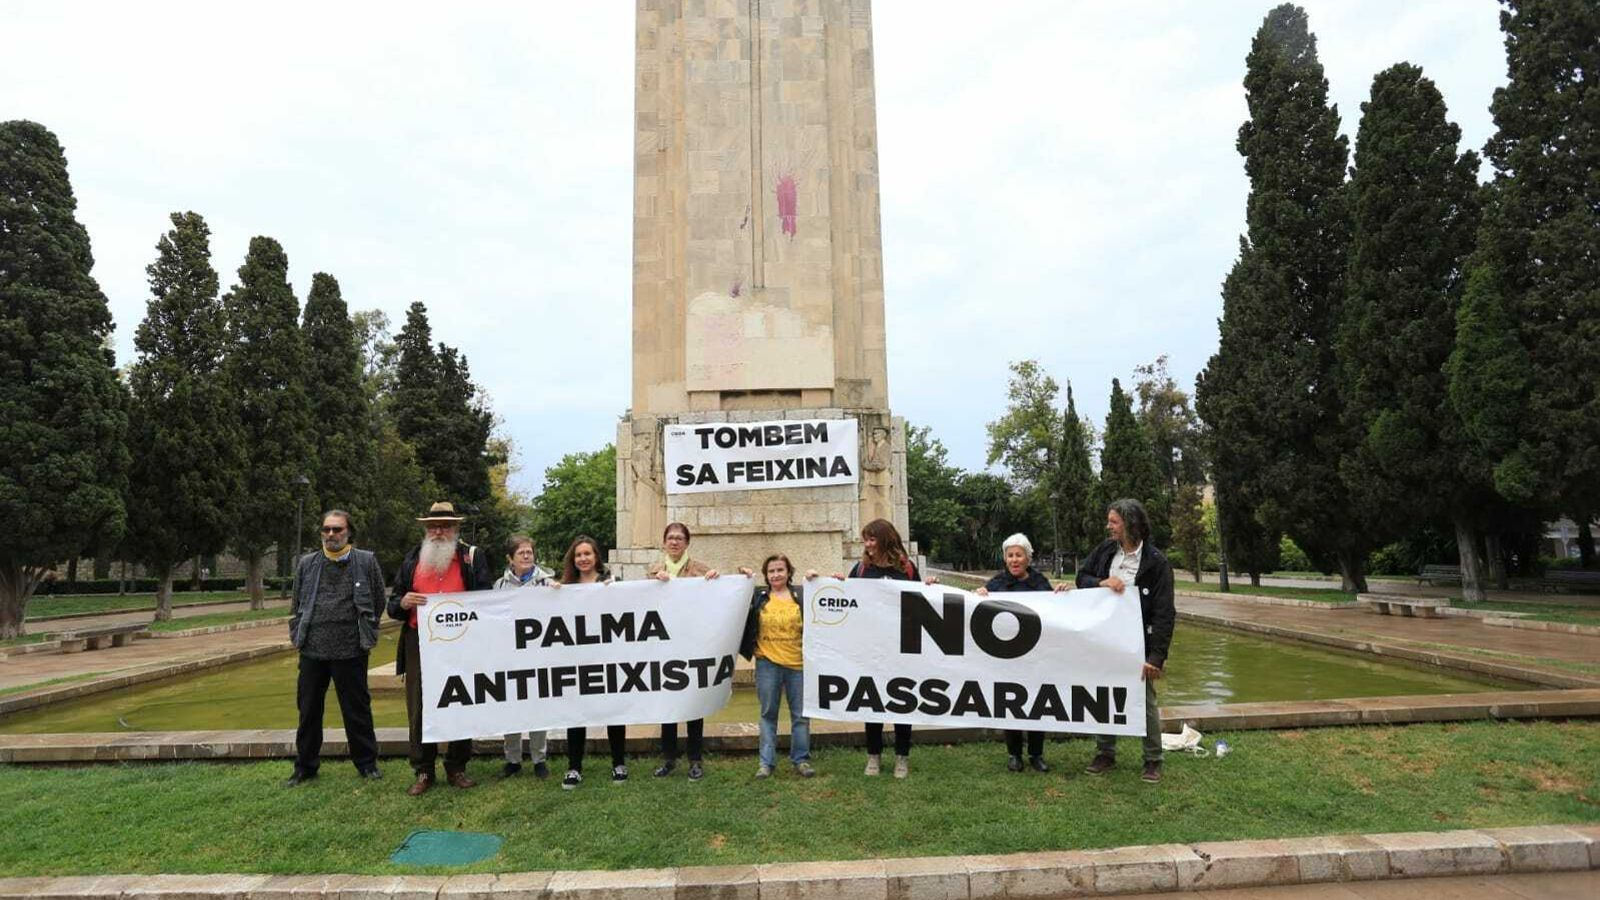 """La Crida per Palma promet esbucar el monument de la Feixina i """"cometre desobediència si fa falta"""""""